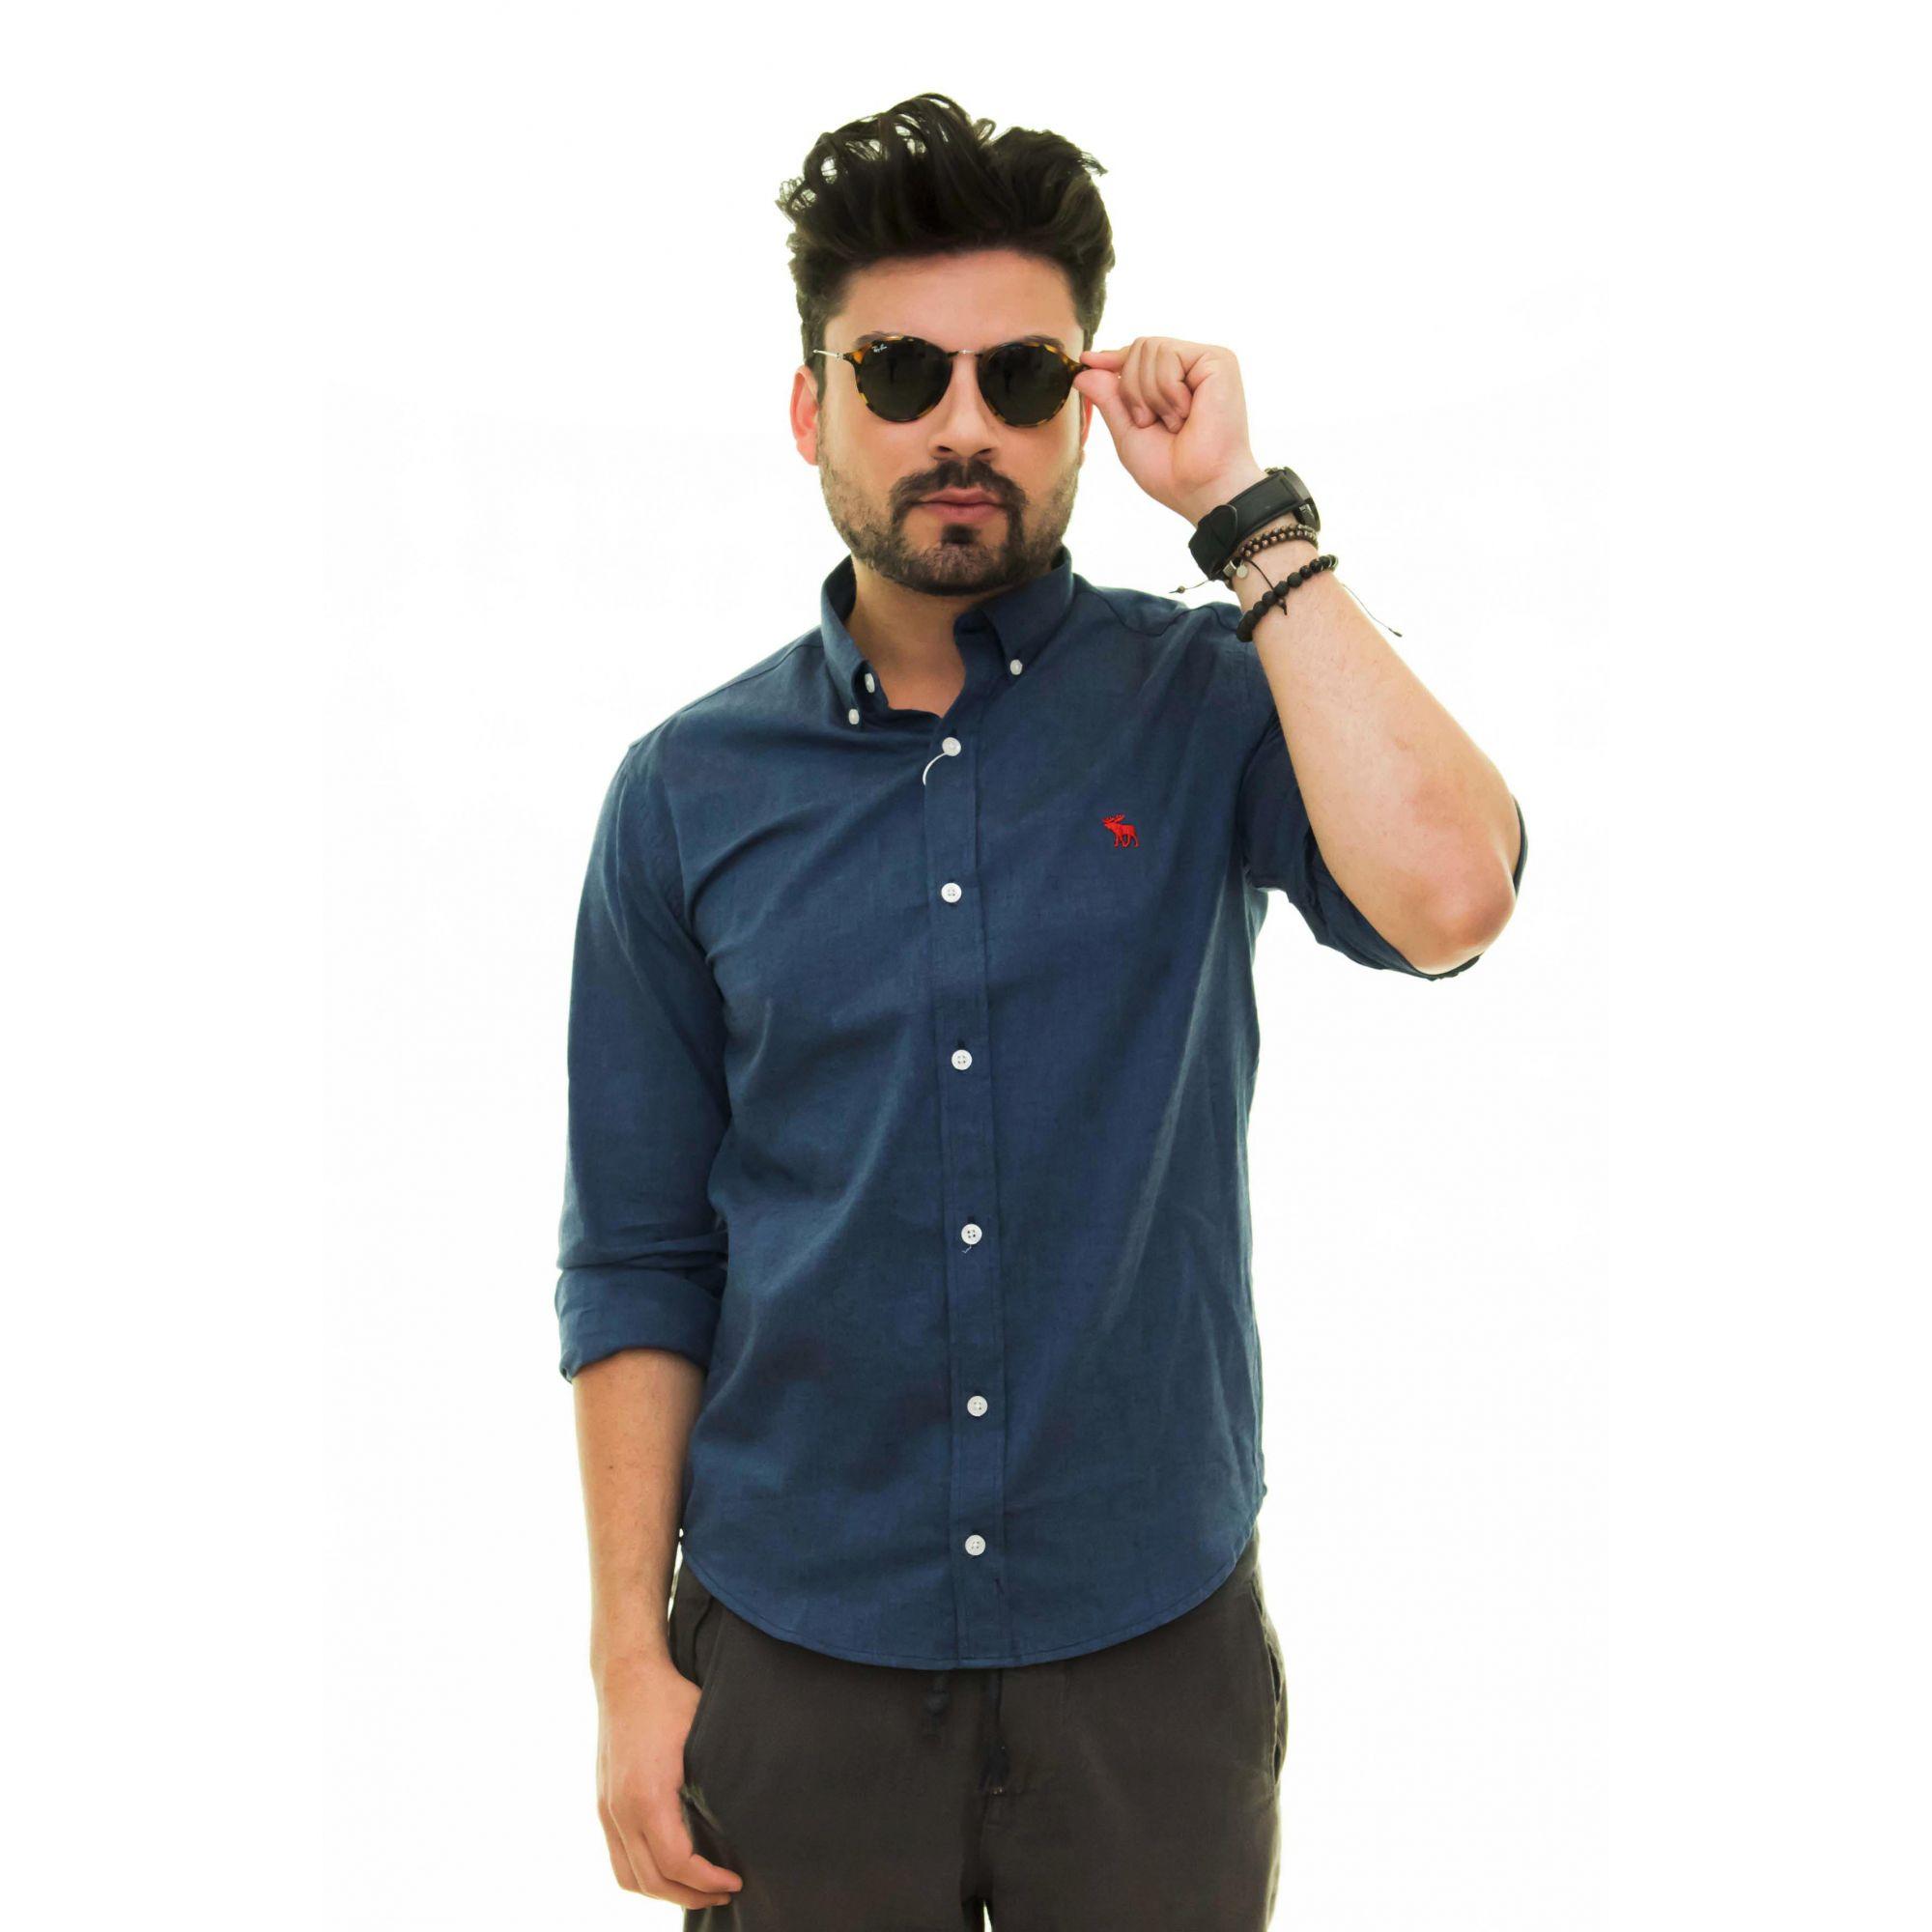 Camisa Social Oxford ABR Marinho